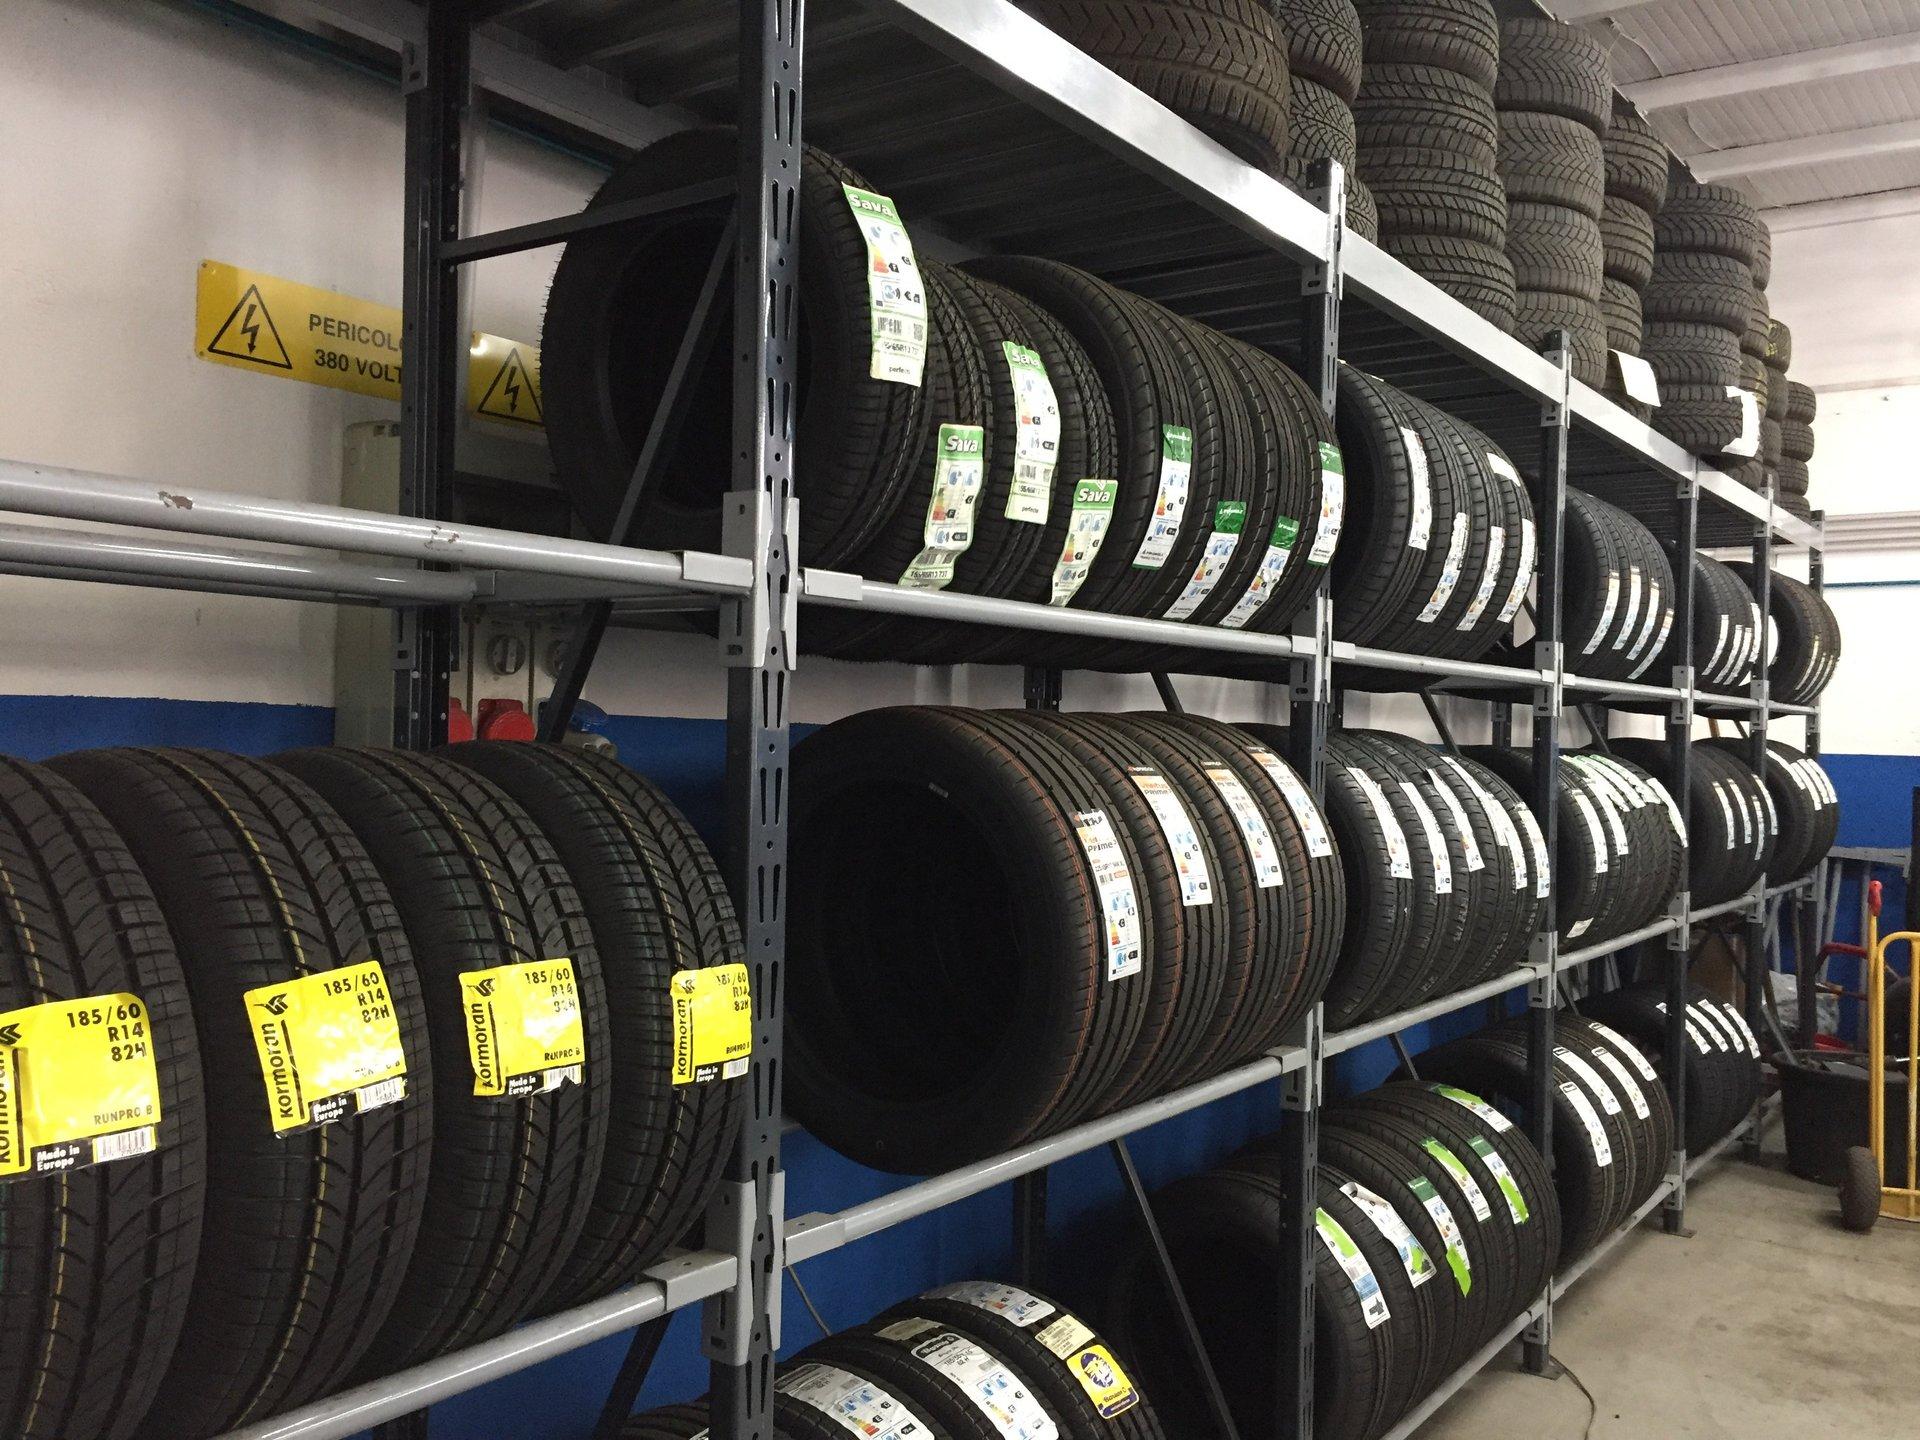 Dei pneumatici sugli scaffali